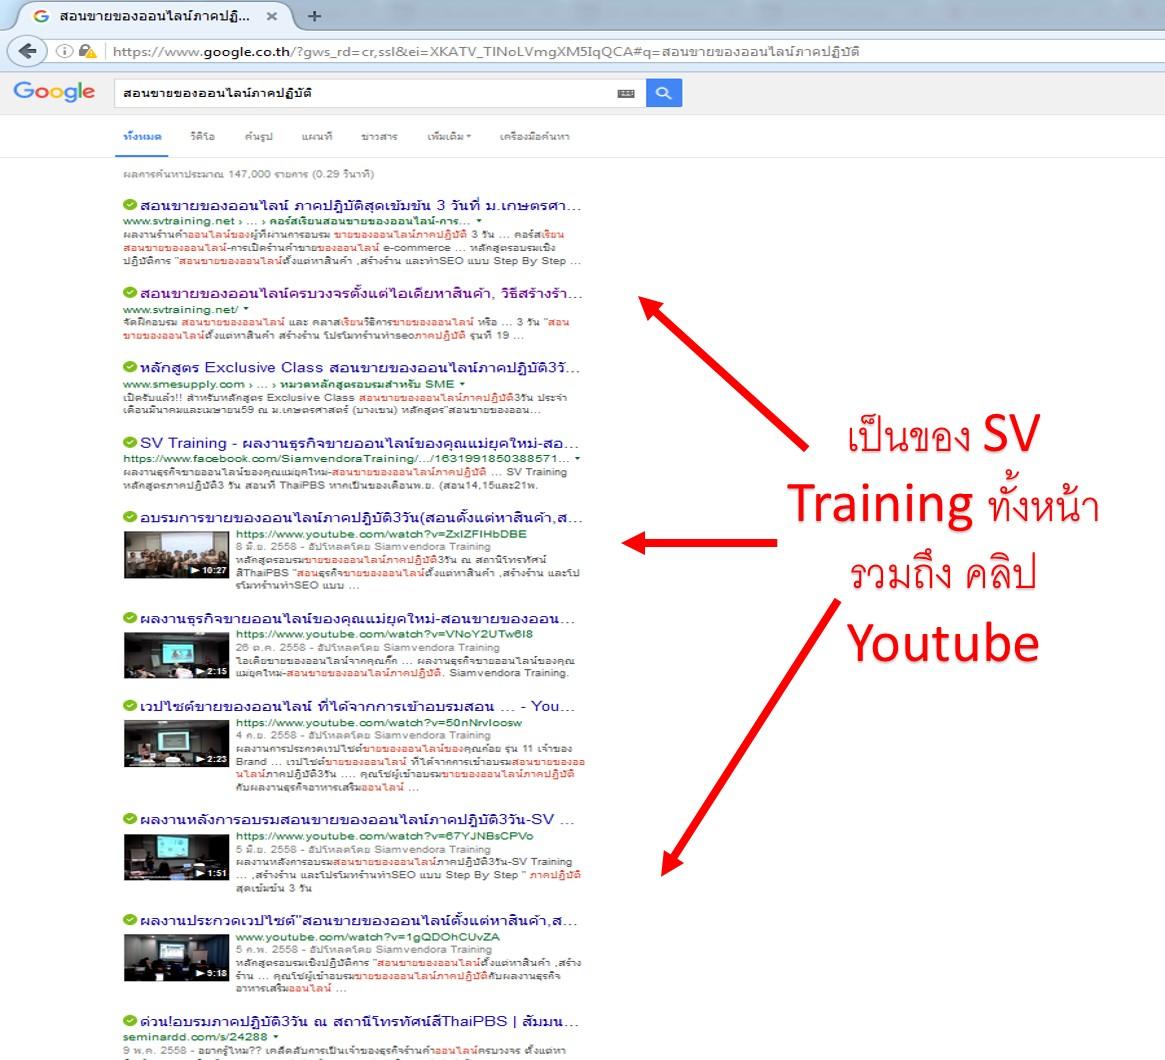 ครองหน้าแรกGoogleทำได้ด้วยตนเอง